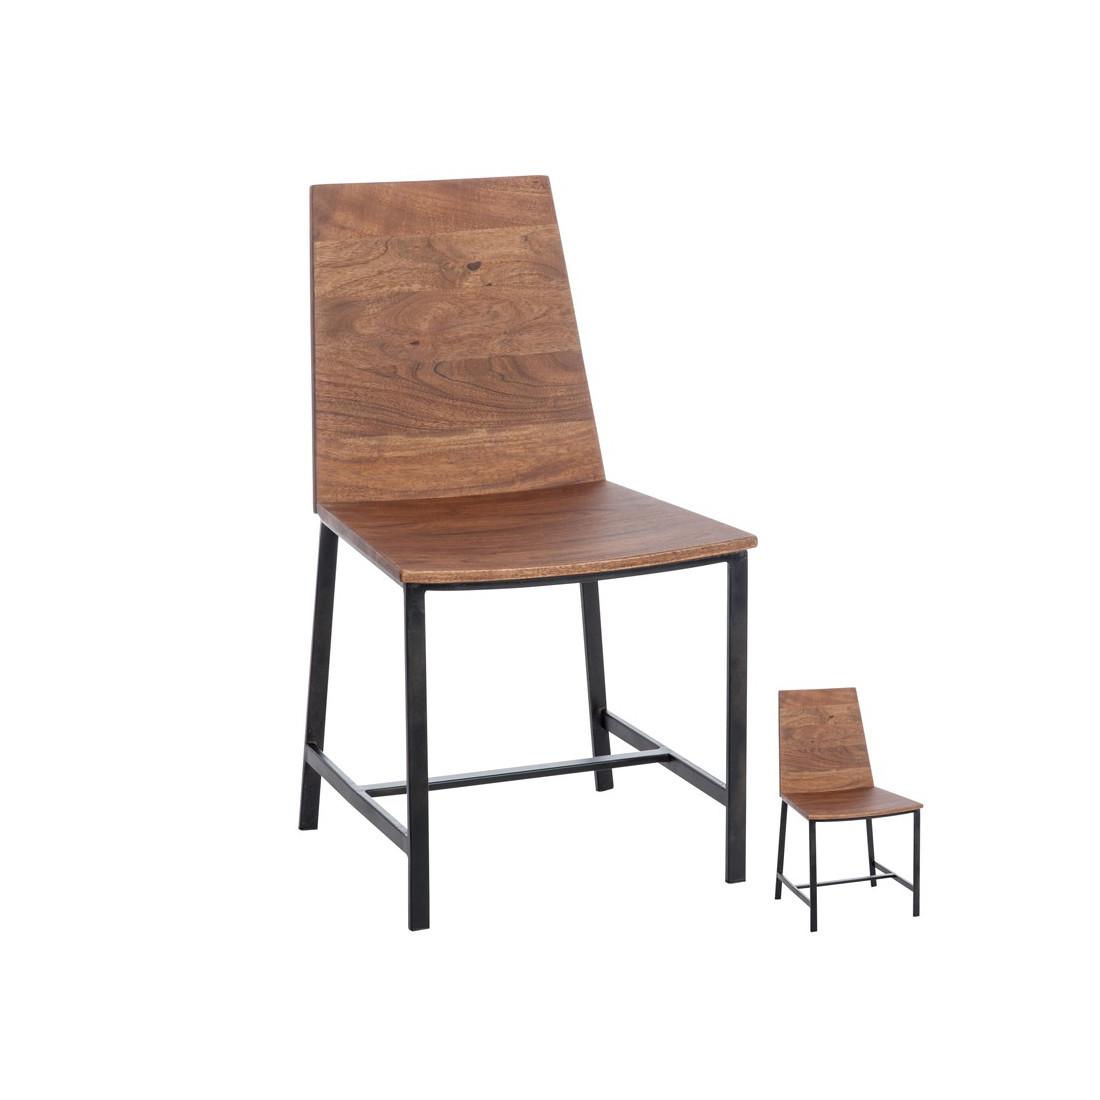 duo de chaises bois naturel et m tal patchouli univers. Black Bedroom Furniture Sets. Home Design Ideas